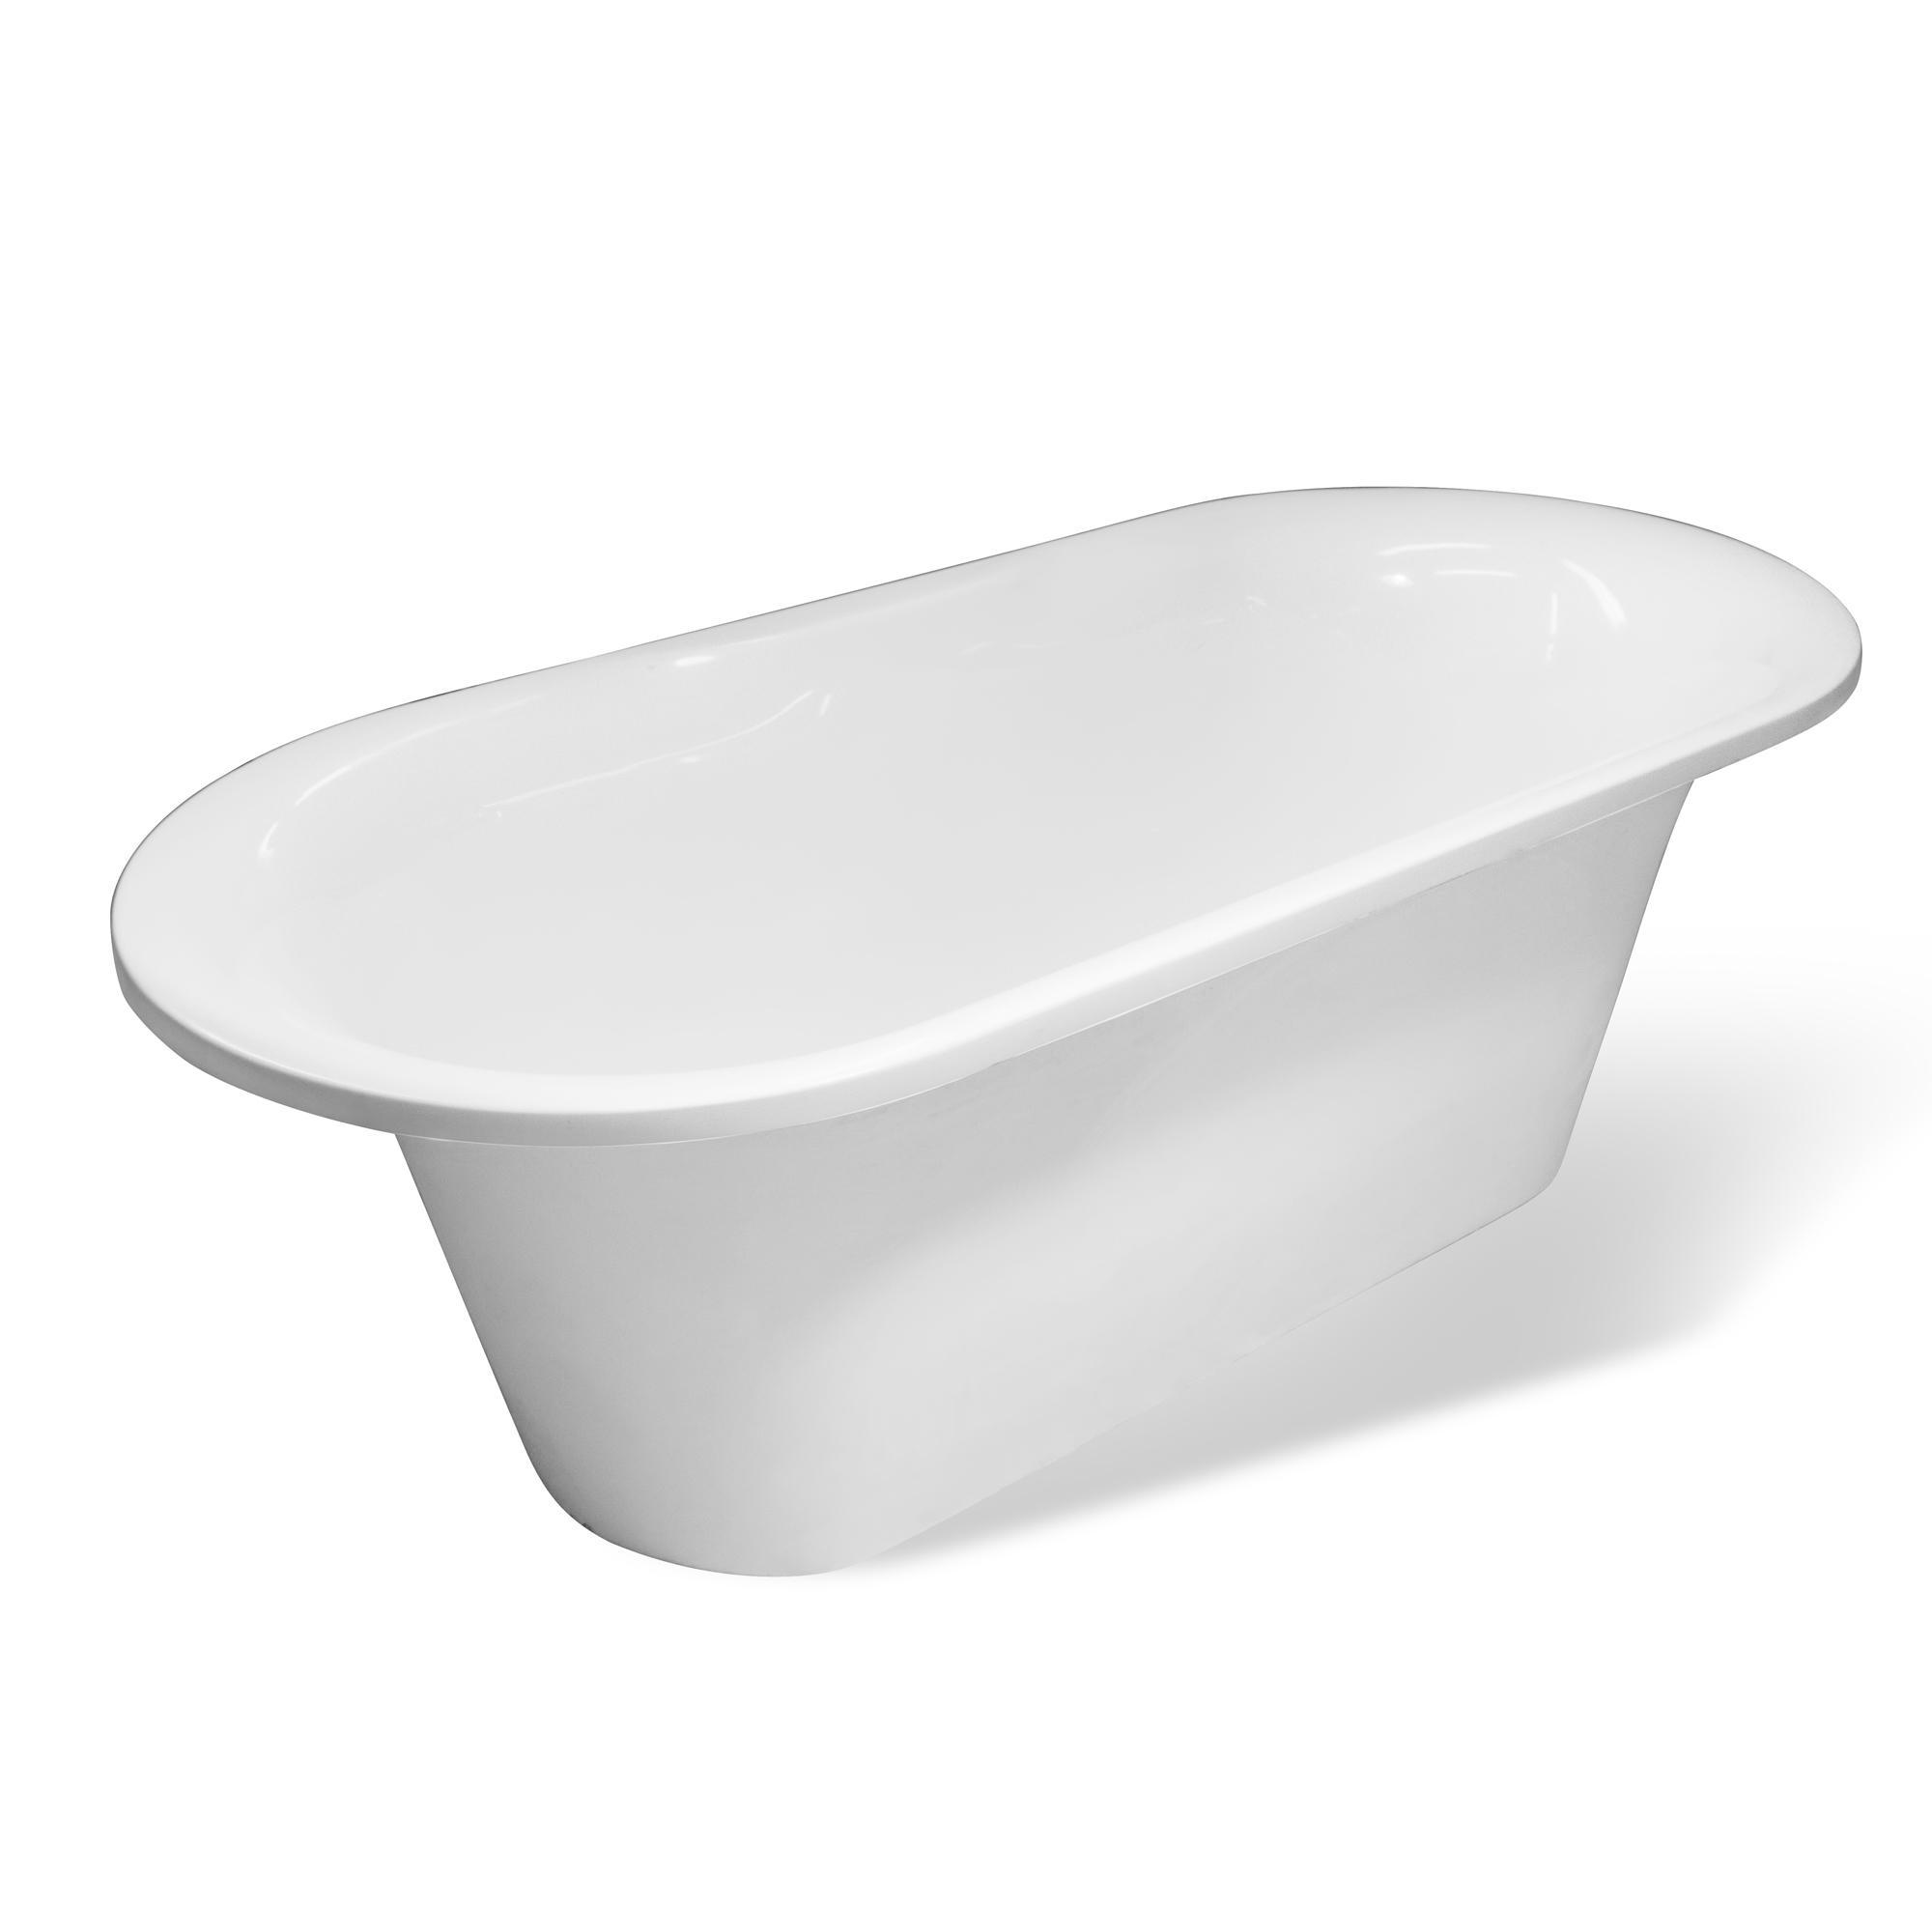 Ванна Эстет Лион 174 белая ванна эстет лаура белая